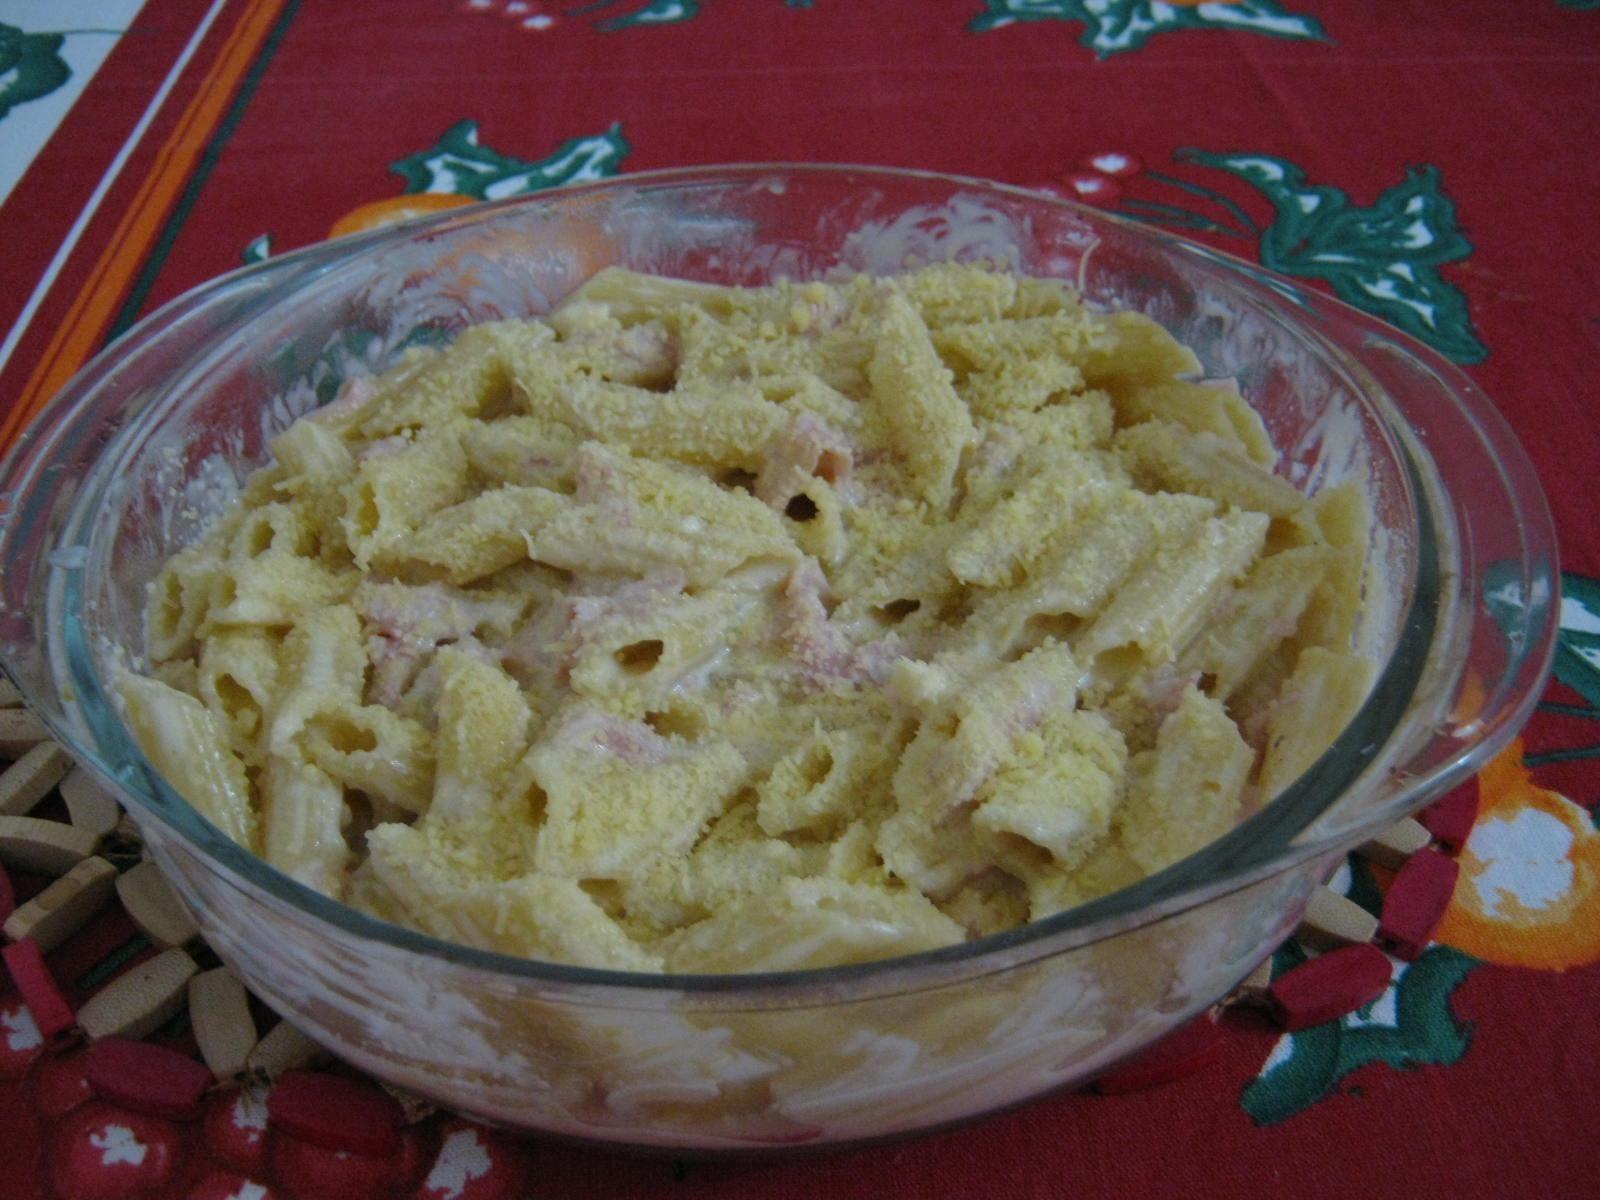 2 xícaras de macarrão penne cru  - Água para cozinhar o macarrão  - 1 caixinha de molho branco (200 ml)  - 1/2 colher de sopa de margarina ou manteiga  - 1/2 colher de sopa de cebola bem picadinha  - 1 pitada de nozmoscada ralada  - 50 g de presunto cortado em tirinhas  - 50 g de mussarela cortado em tirinhas  - 1 unidade de queijo polenguinho (1 cubo) cortado em pedacinhos  - Queijo parmesão ralado grosso para polvilhar  -